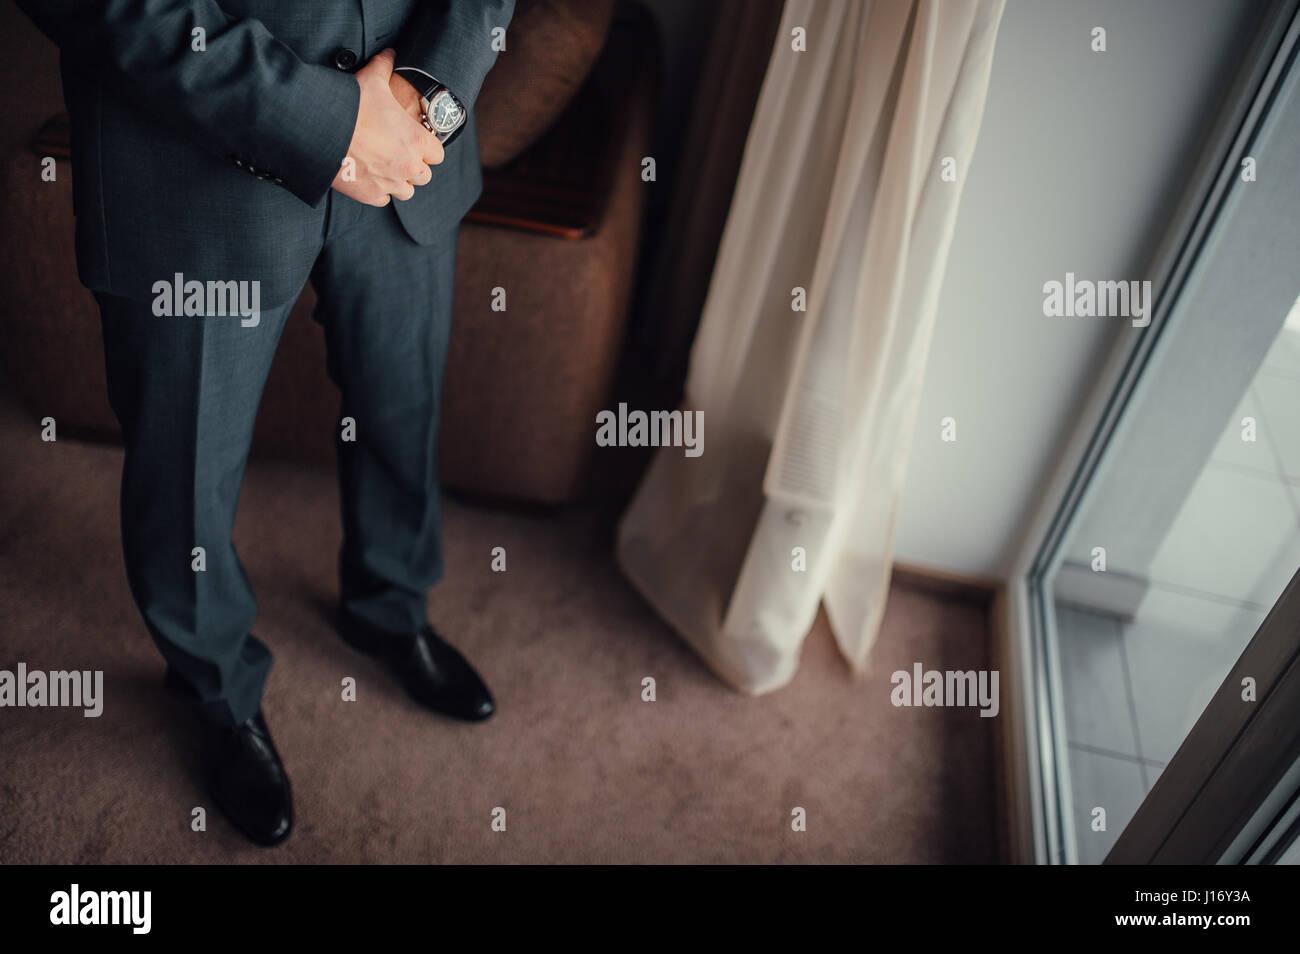 male feet pics